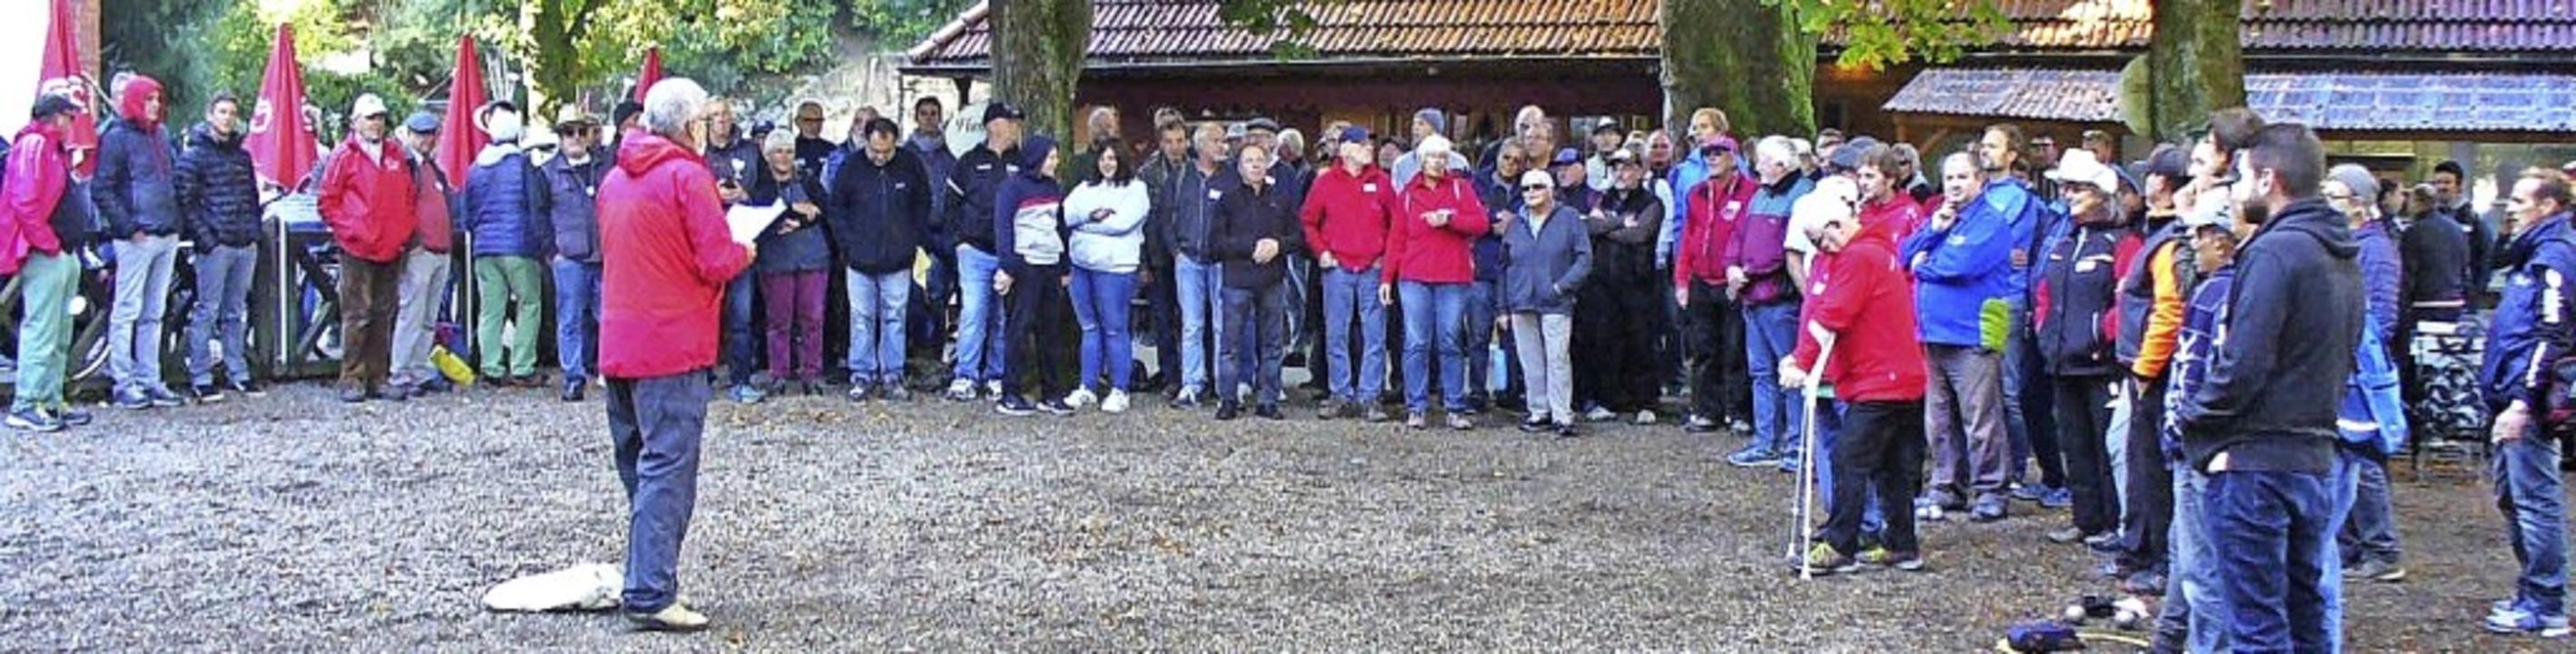 Lothar Beckmann begrüßte fast 140 Boul...enturnier der Offenen Liste Waldkirch.    Foto: Beckmann